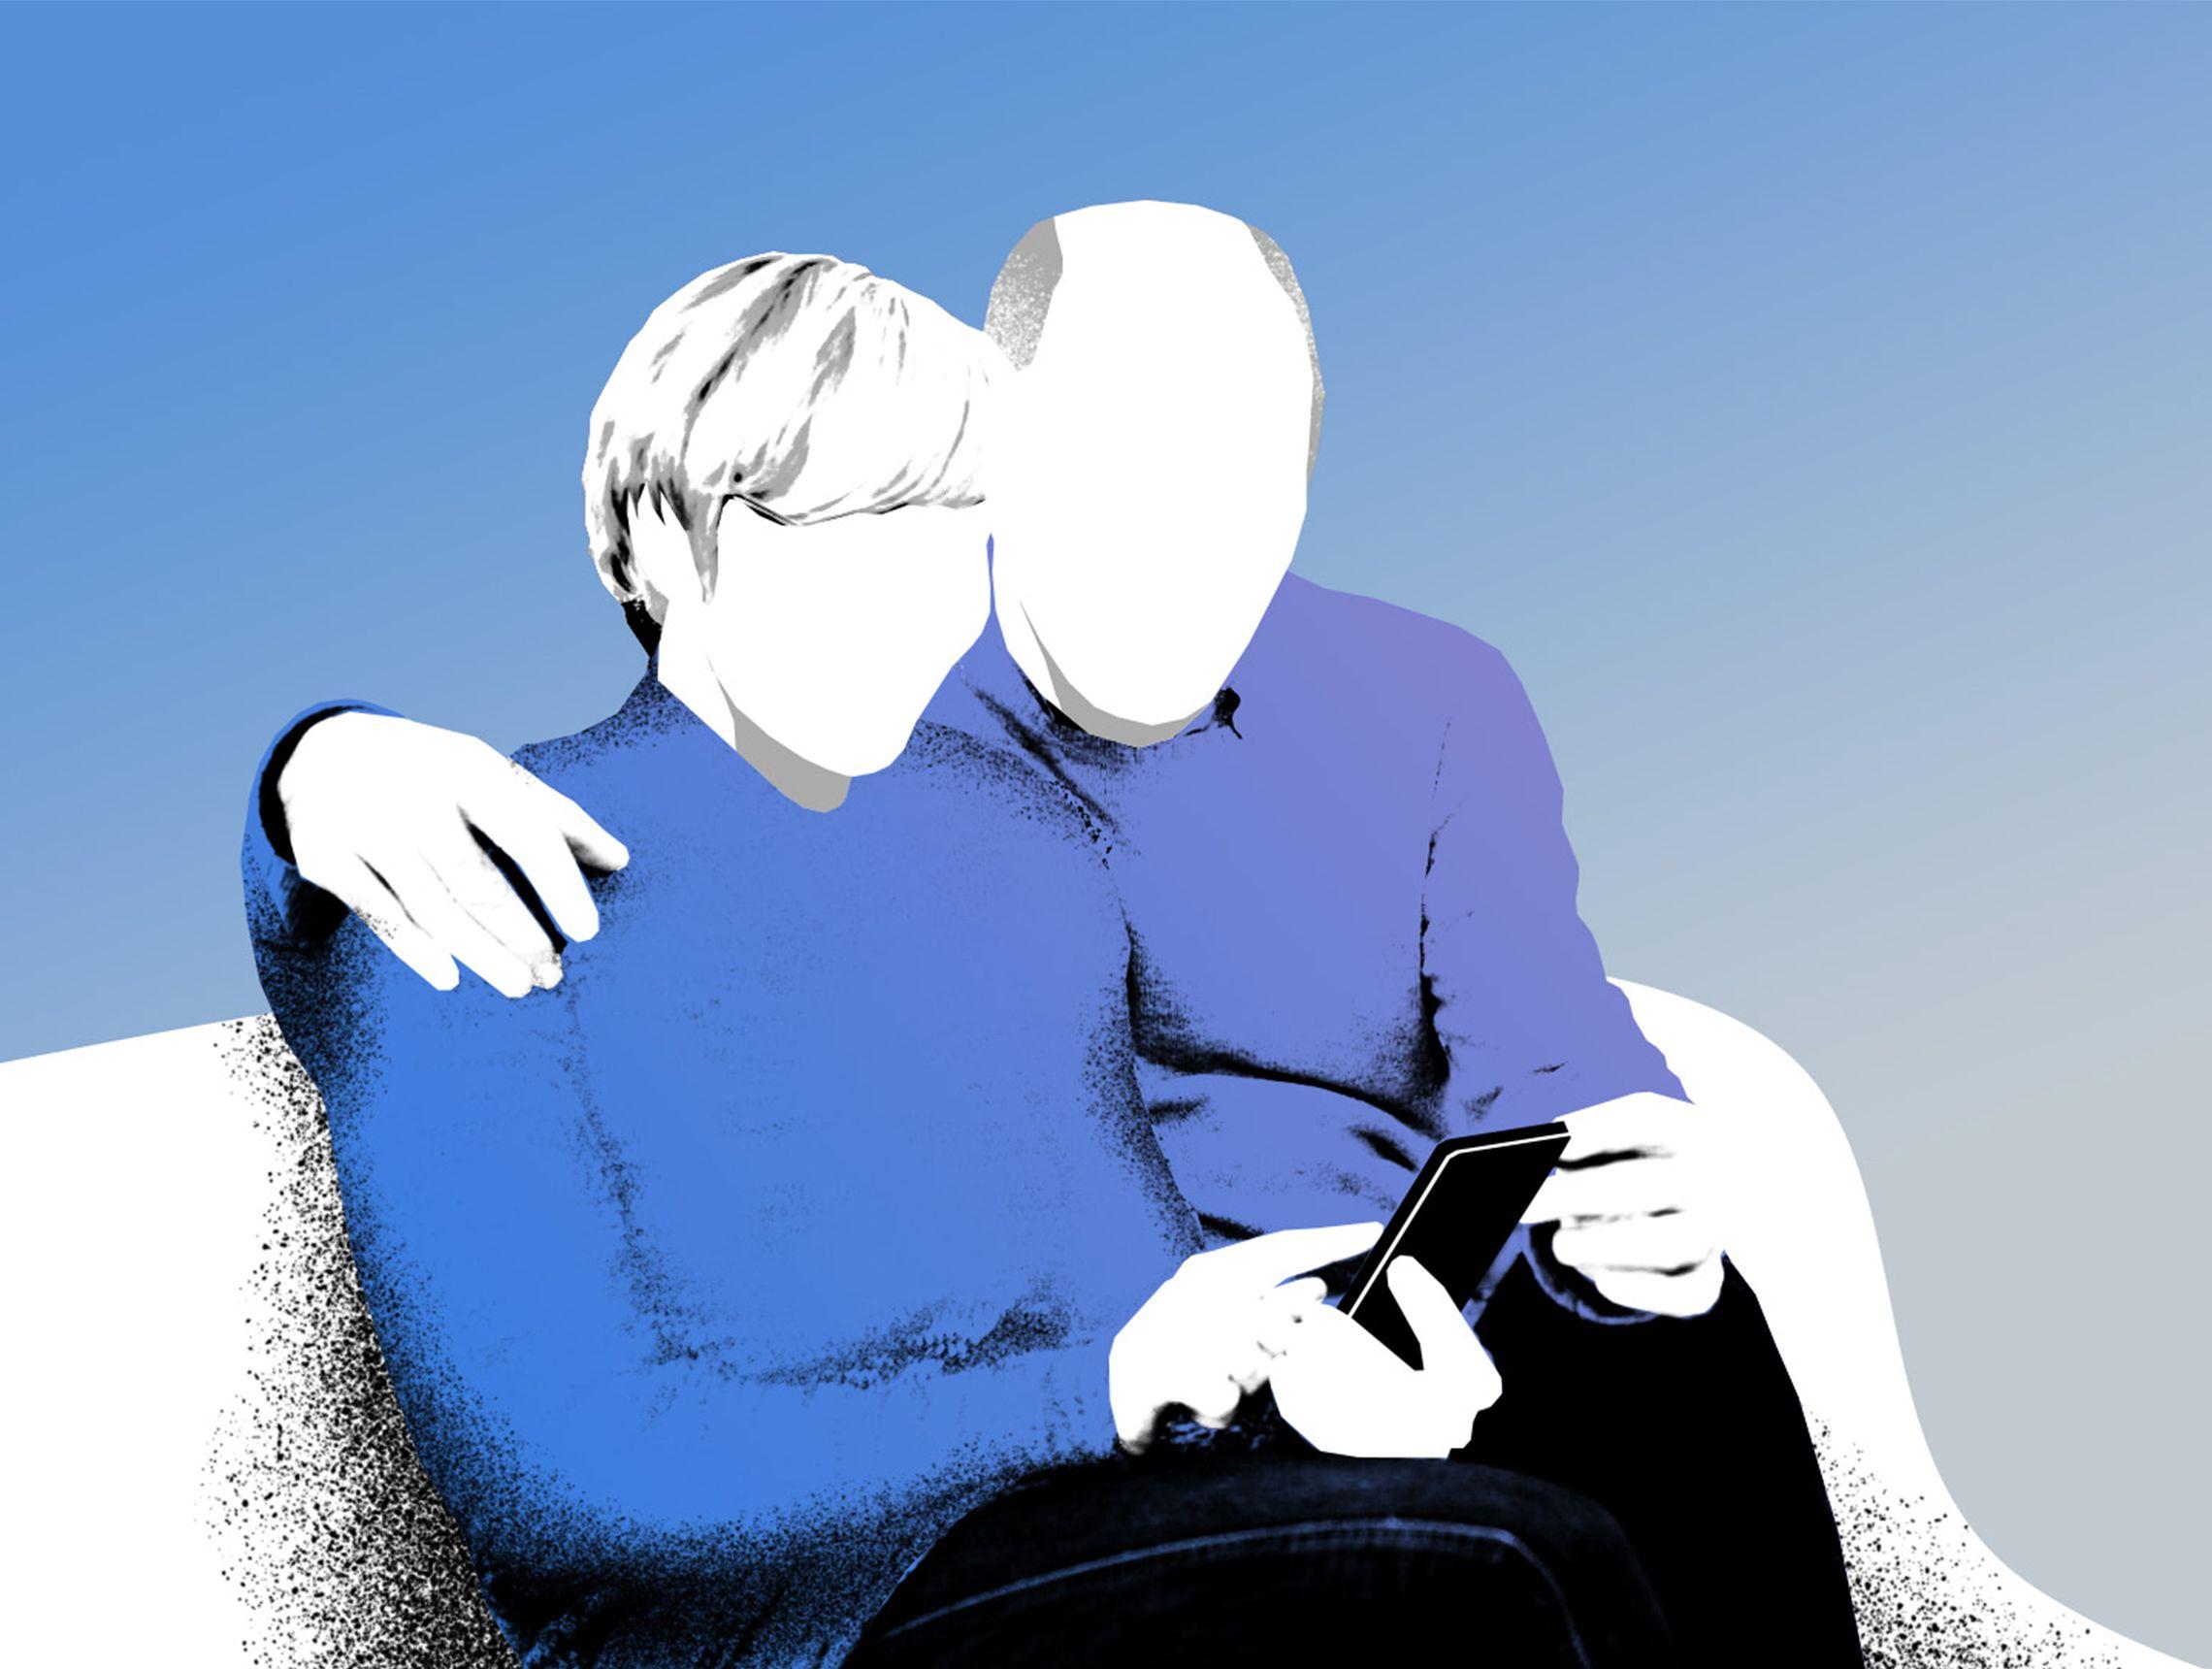 Älteres Pärchen sitzen Arm in Arm auf dem Sofa und blicken auf ein Handy PWWL Illustration